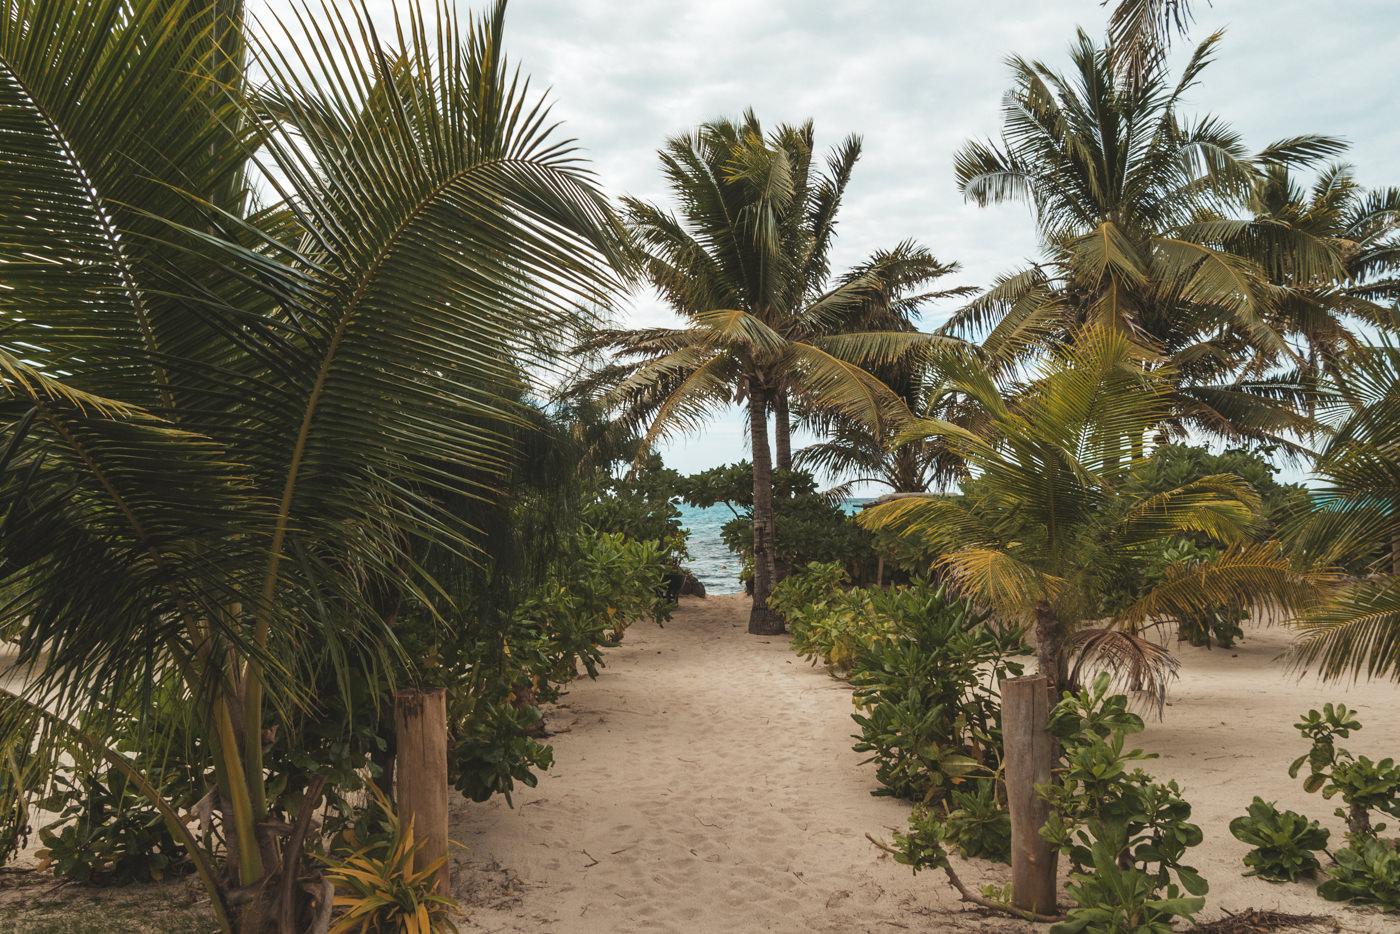 Palmen auf dem Weg an den Strand